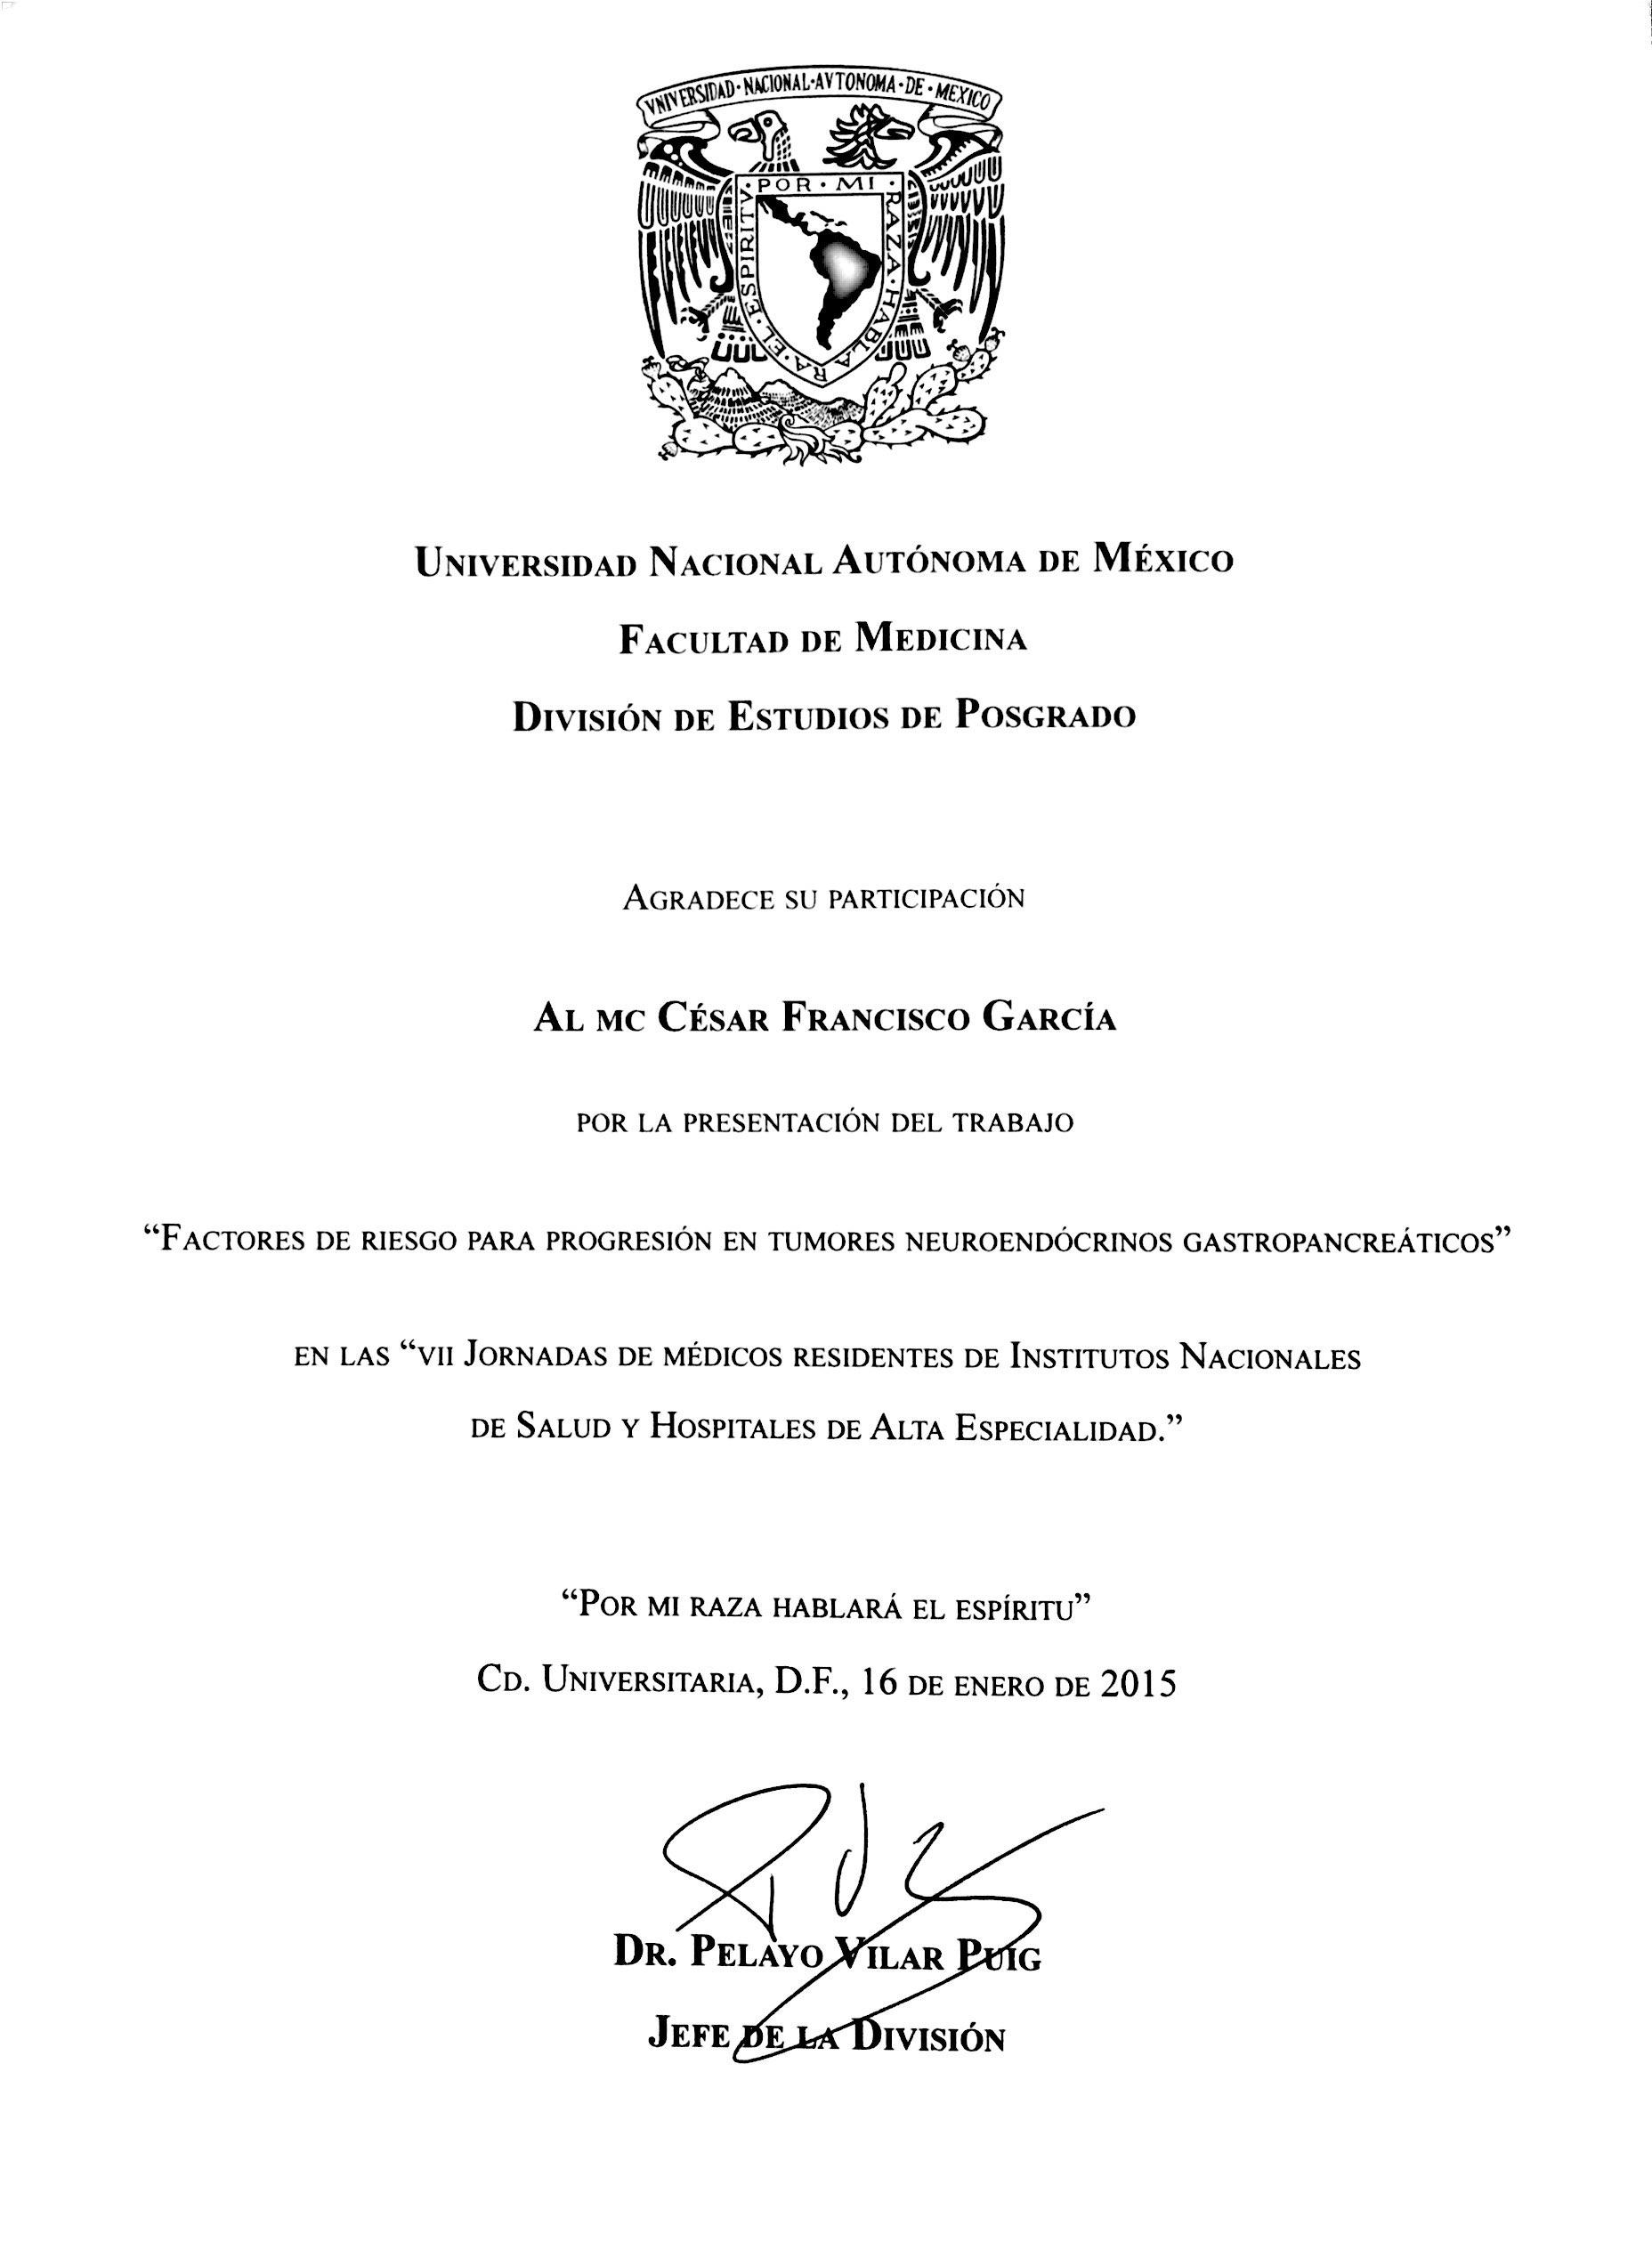 Dr. Garcia Carrazco_14